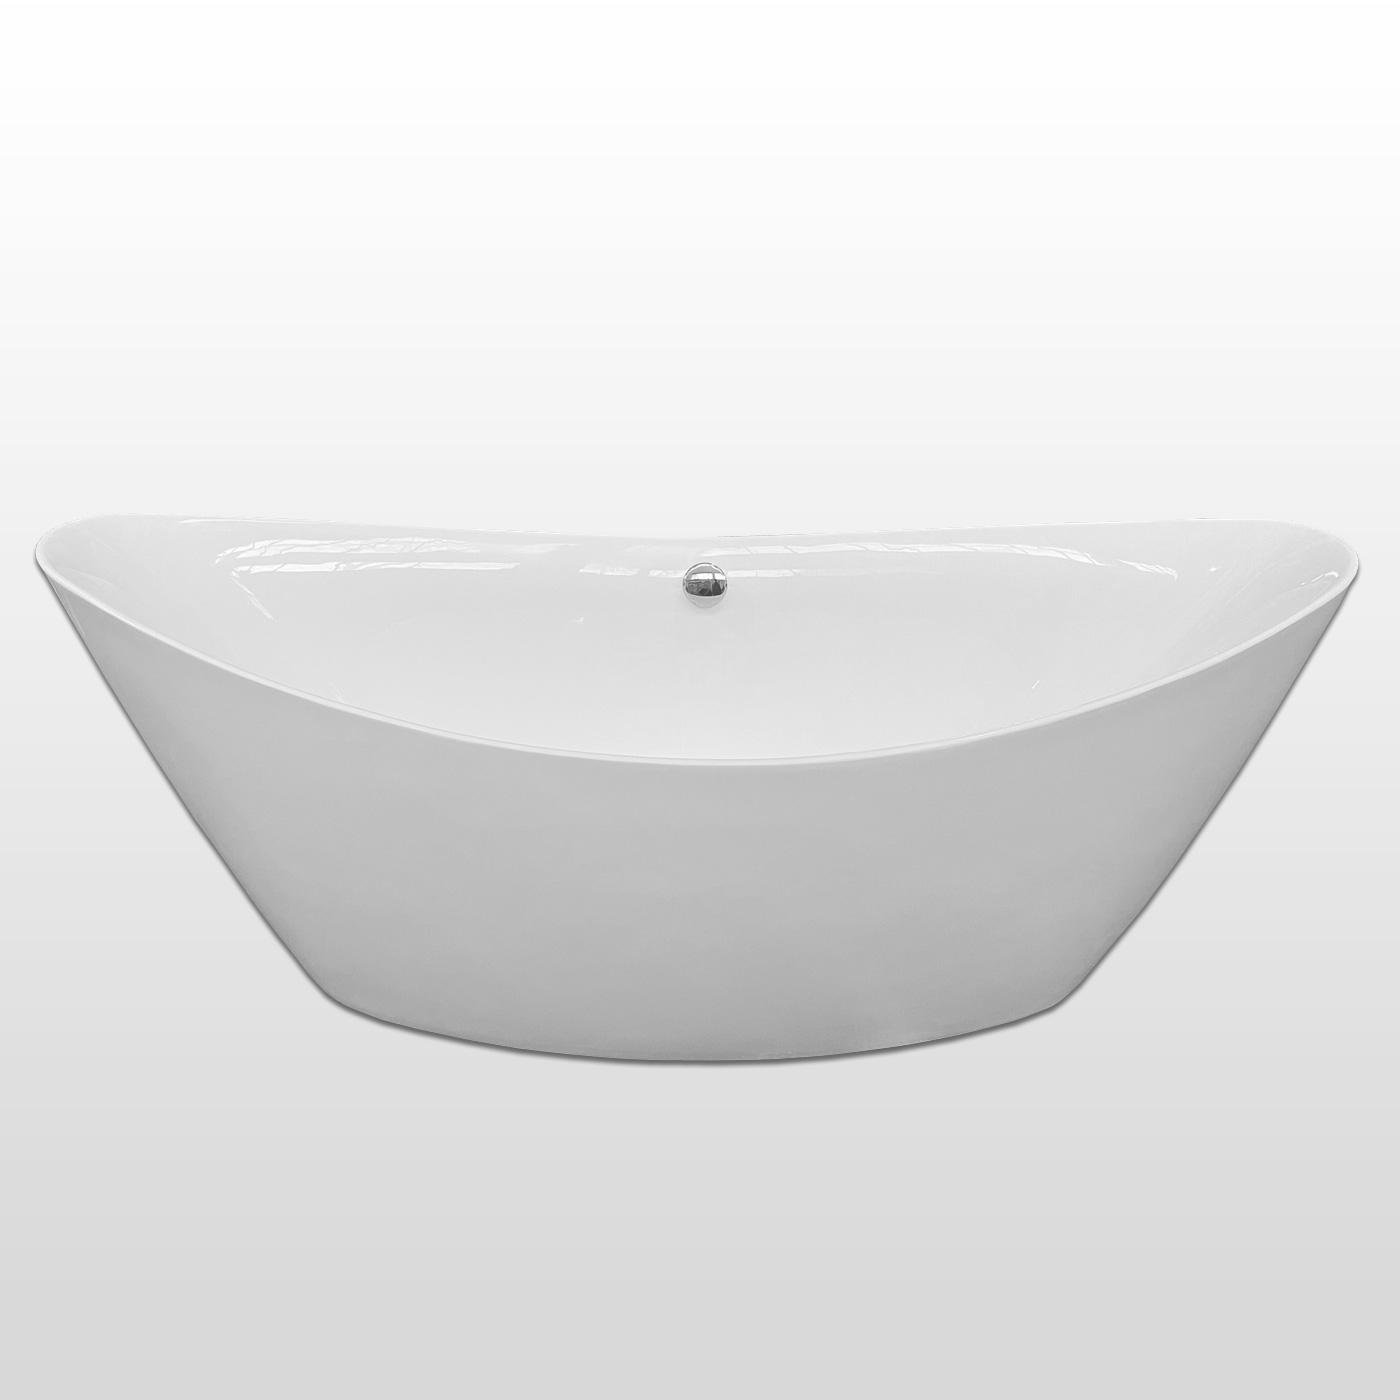 Vasca da bagno freestanding 180 x 80 cm - Beverly